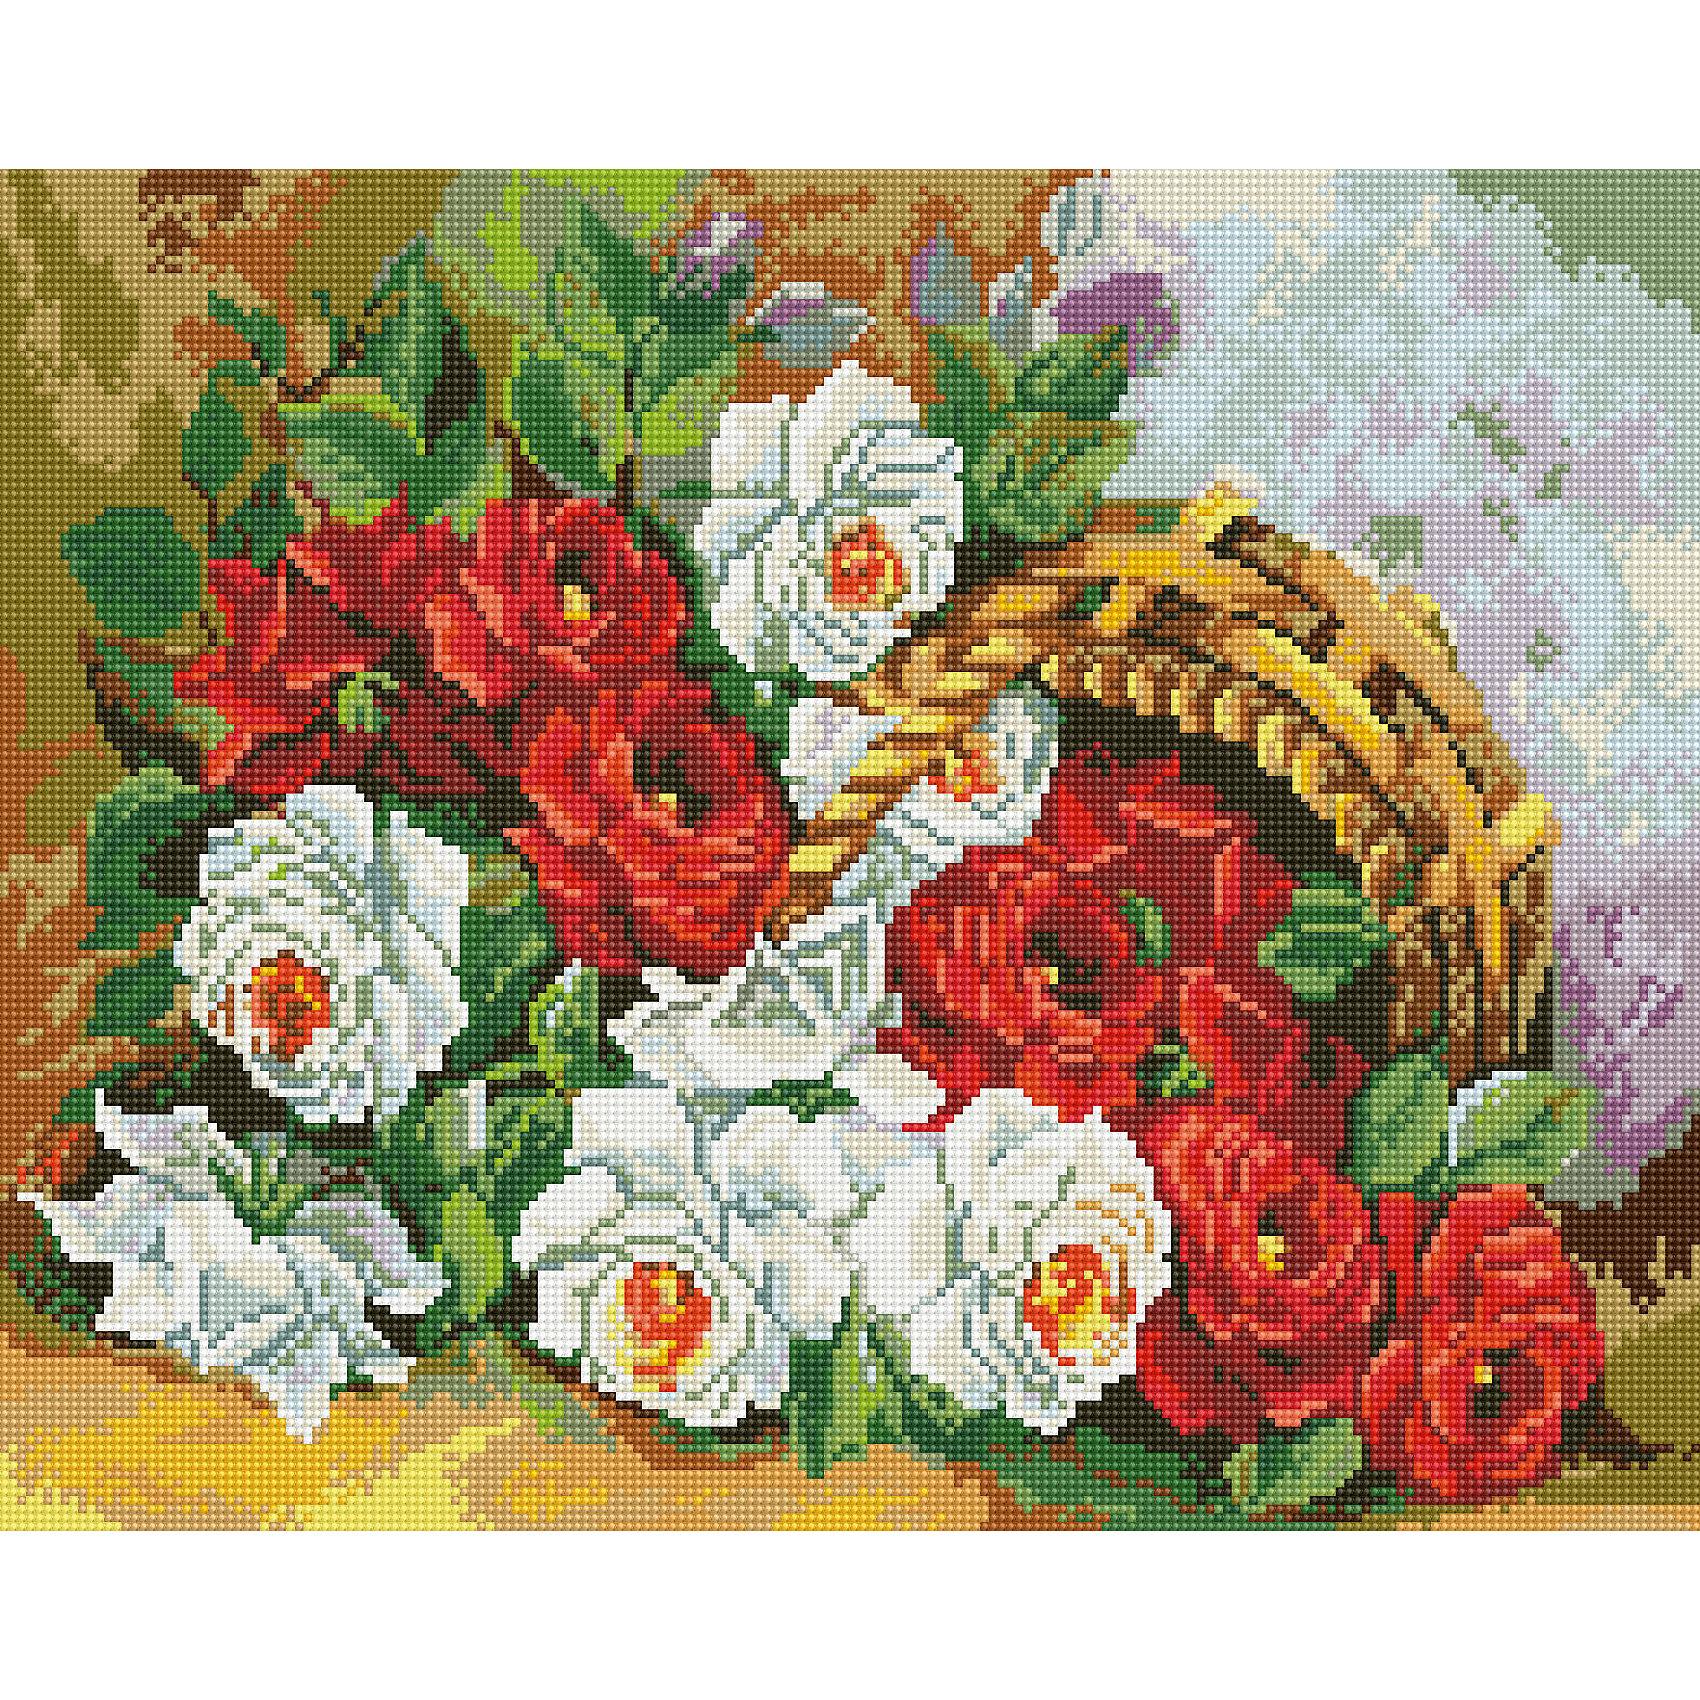 TUKZAR Алмазная мозаика Корзинка с бархатными розами 40*50 см наборы для поделок цветной алмазная мозаика леопард